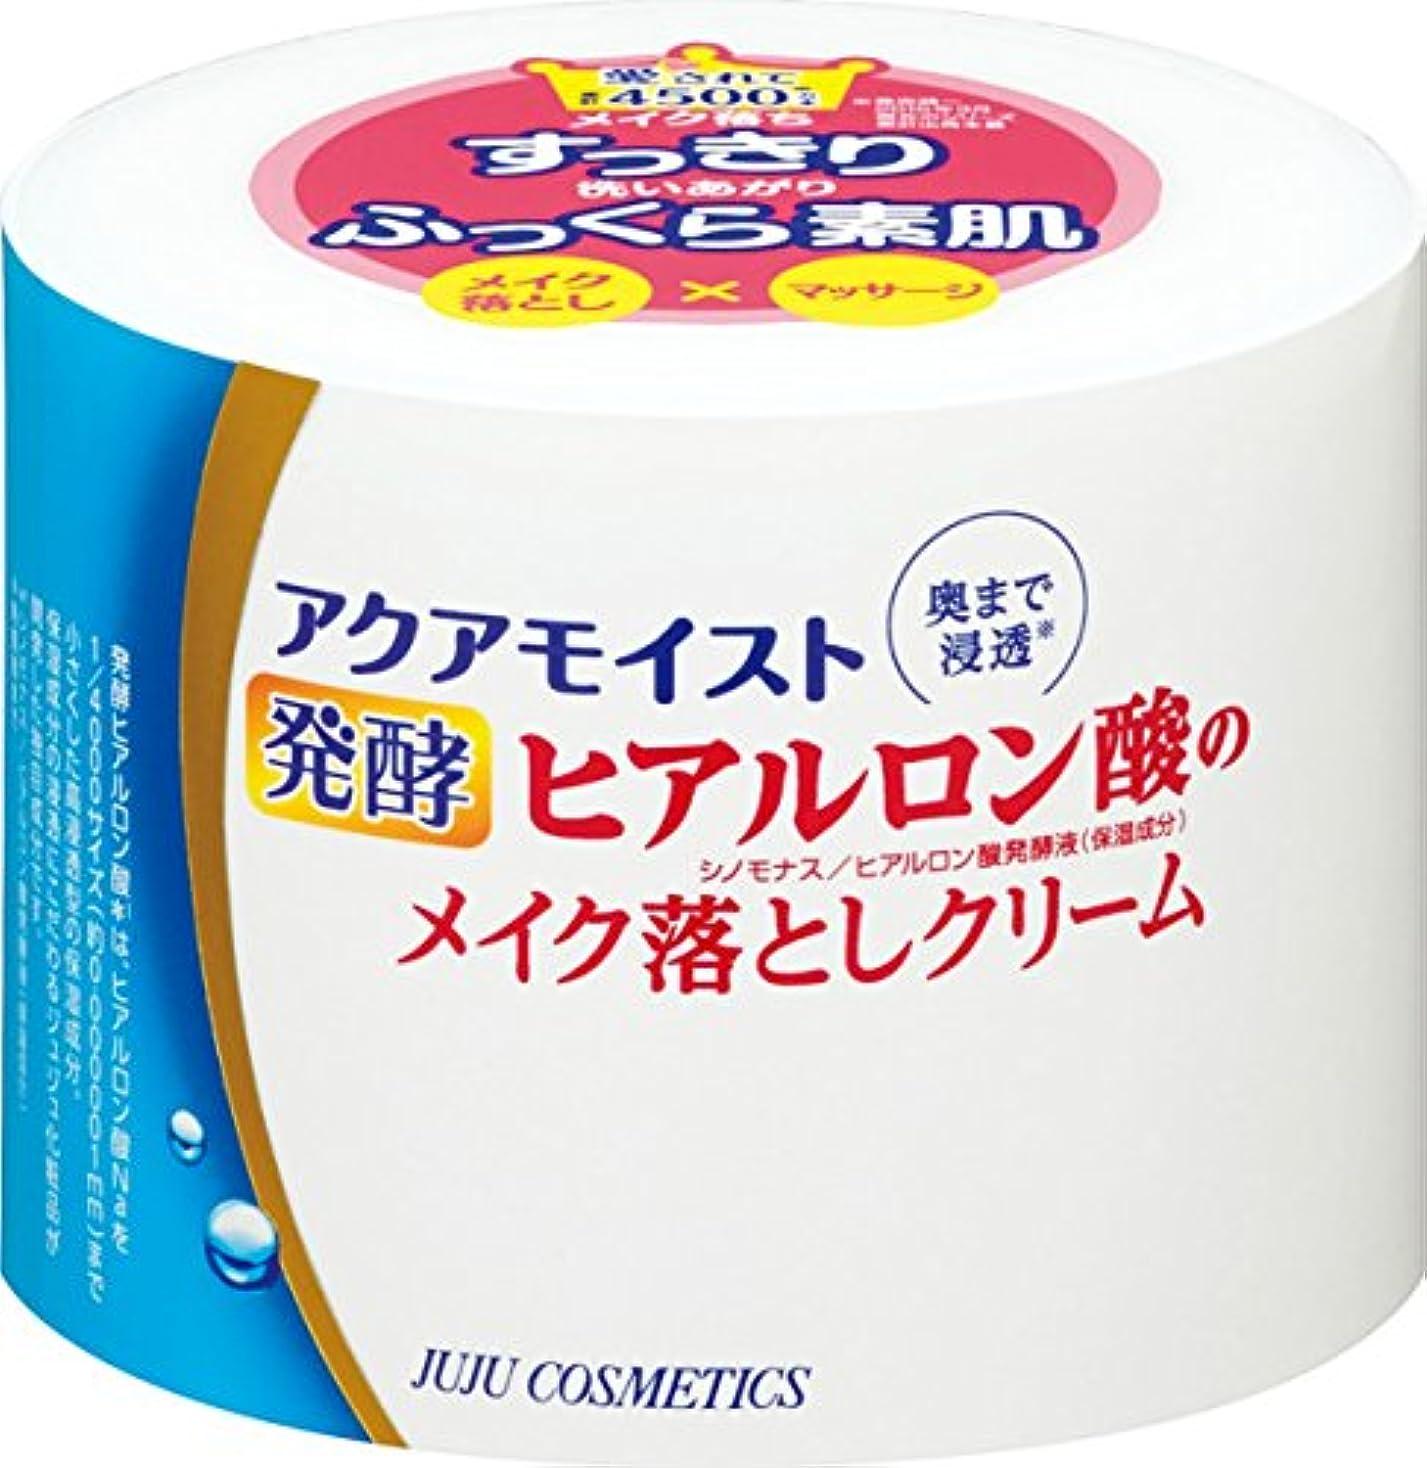 アクアモイスト 発酵ヒアルロン酸のメイク落としクリーム 160g